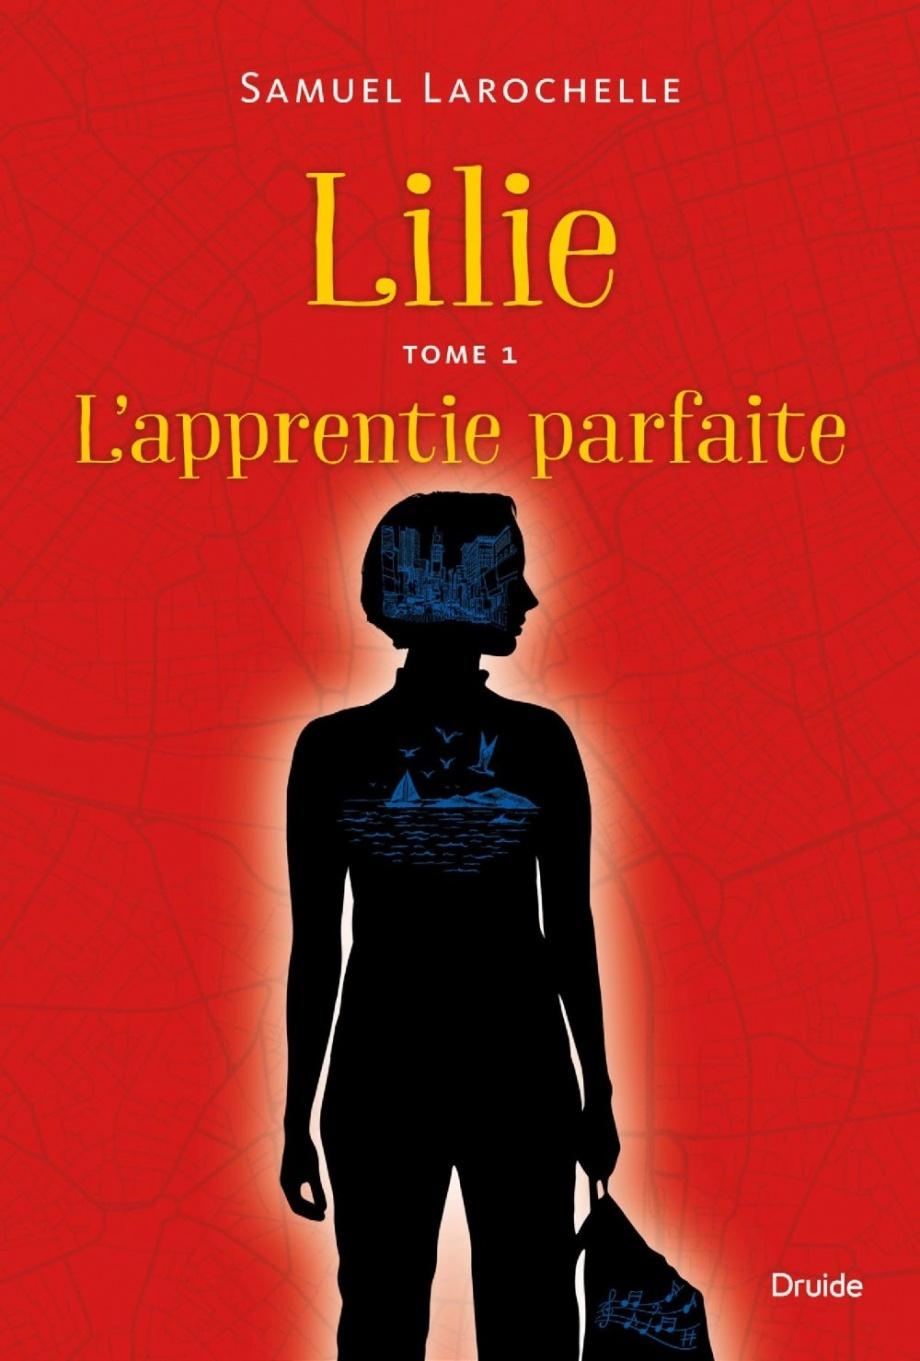 Lilie T.1 : L'apprentie parfaite de Samuel Larochelle